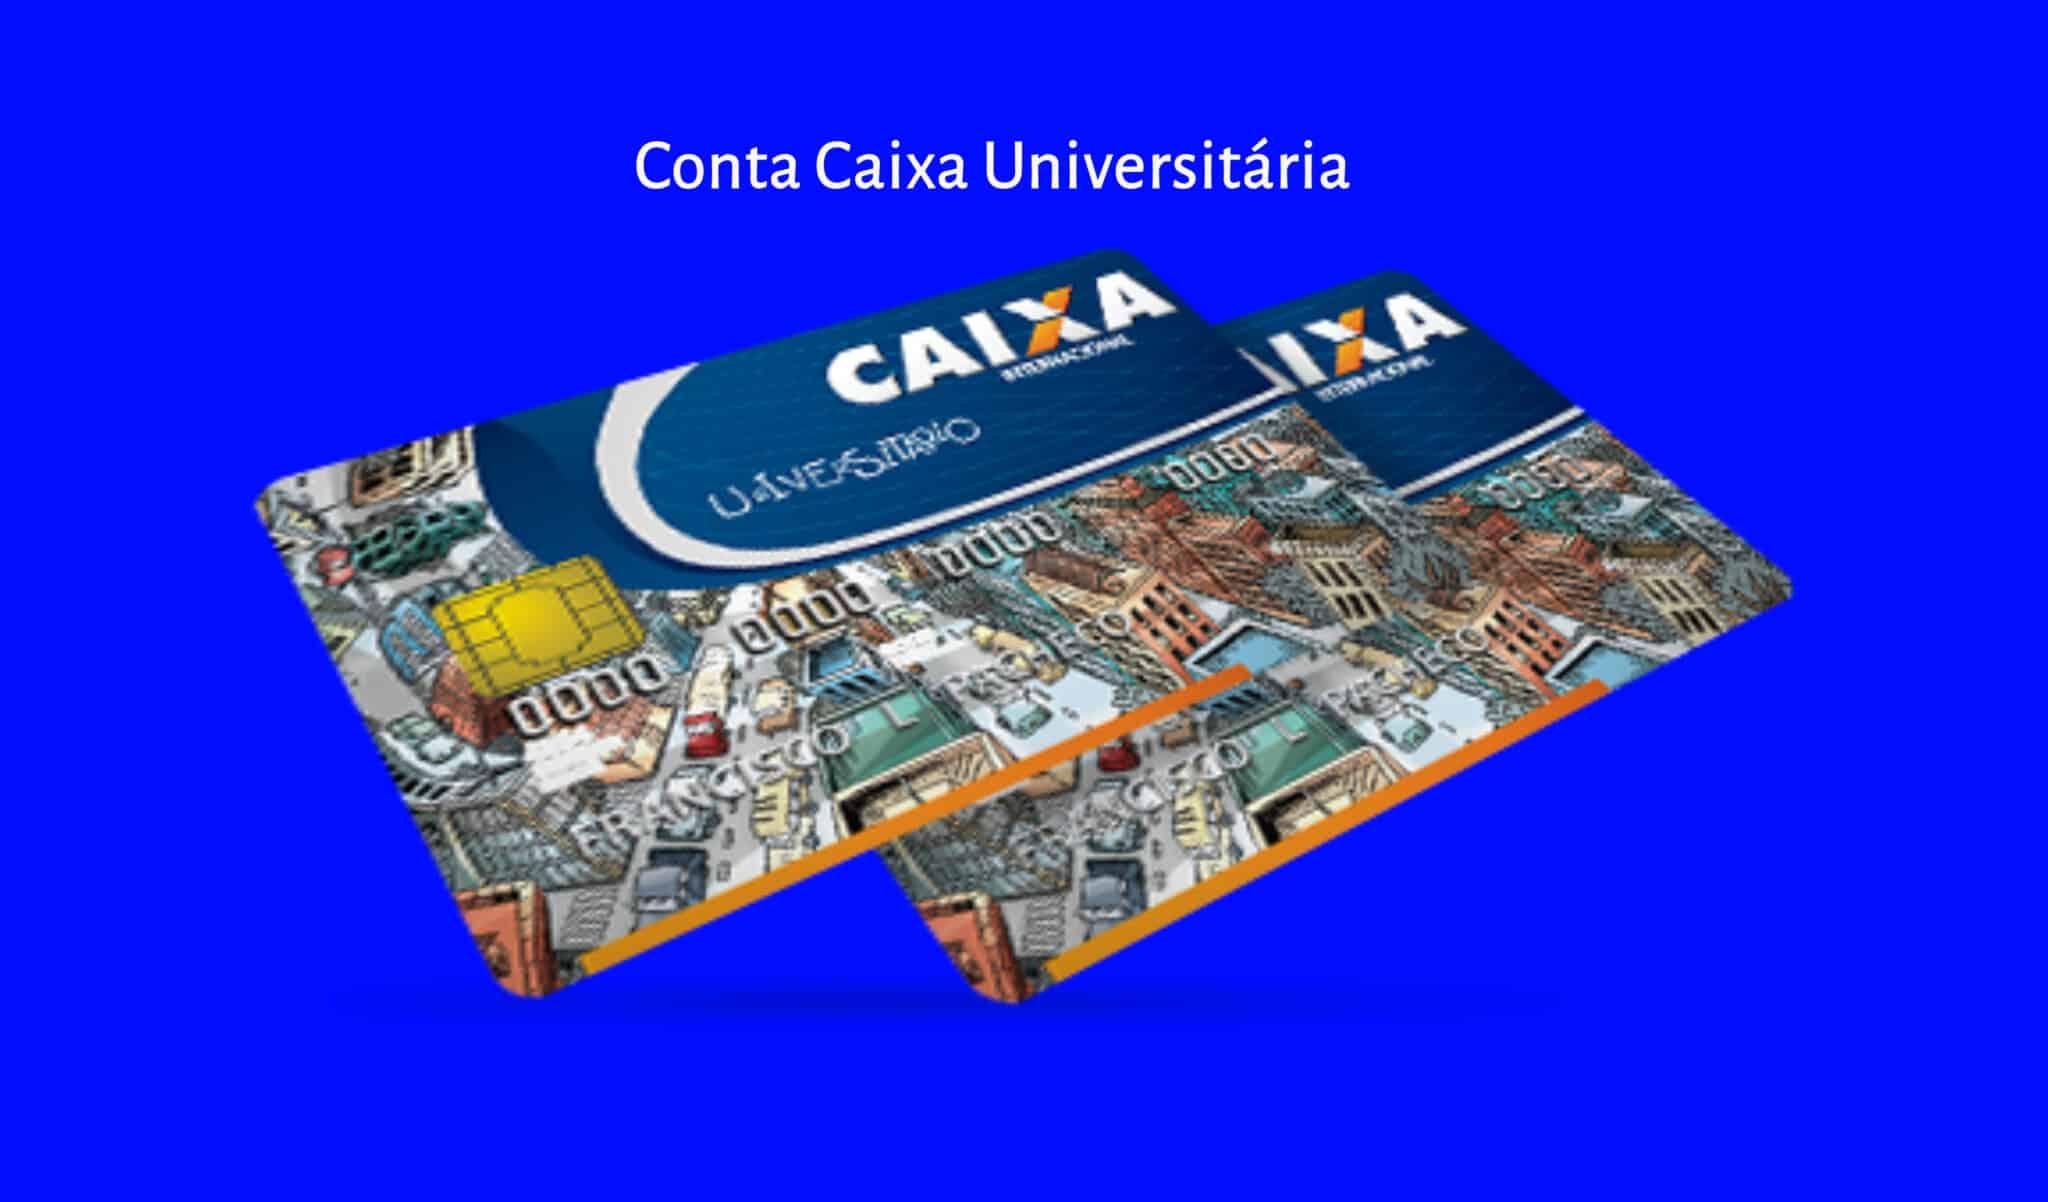 Cartão caixa universitário visa internacional: programa de pontos, anuidade gratuita e 100% seguro